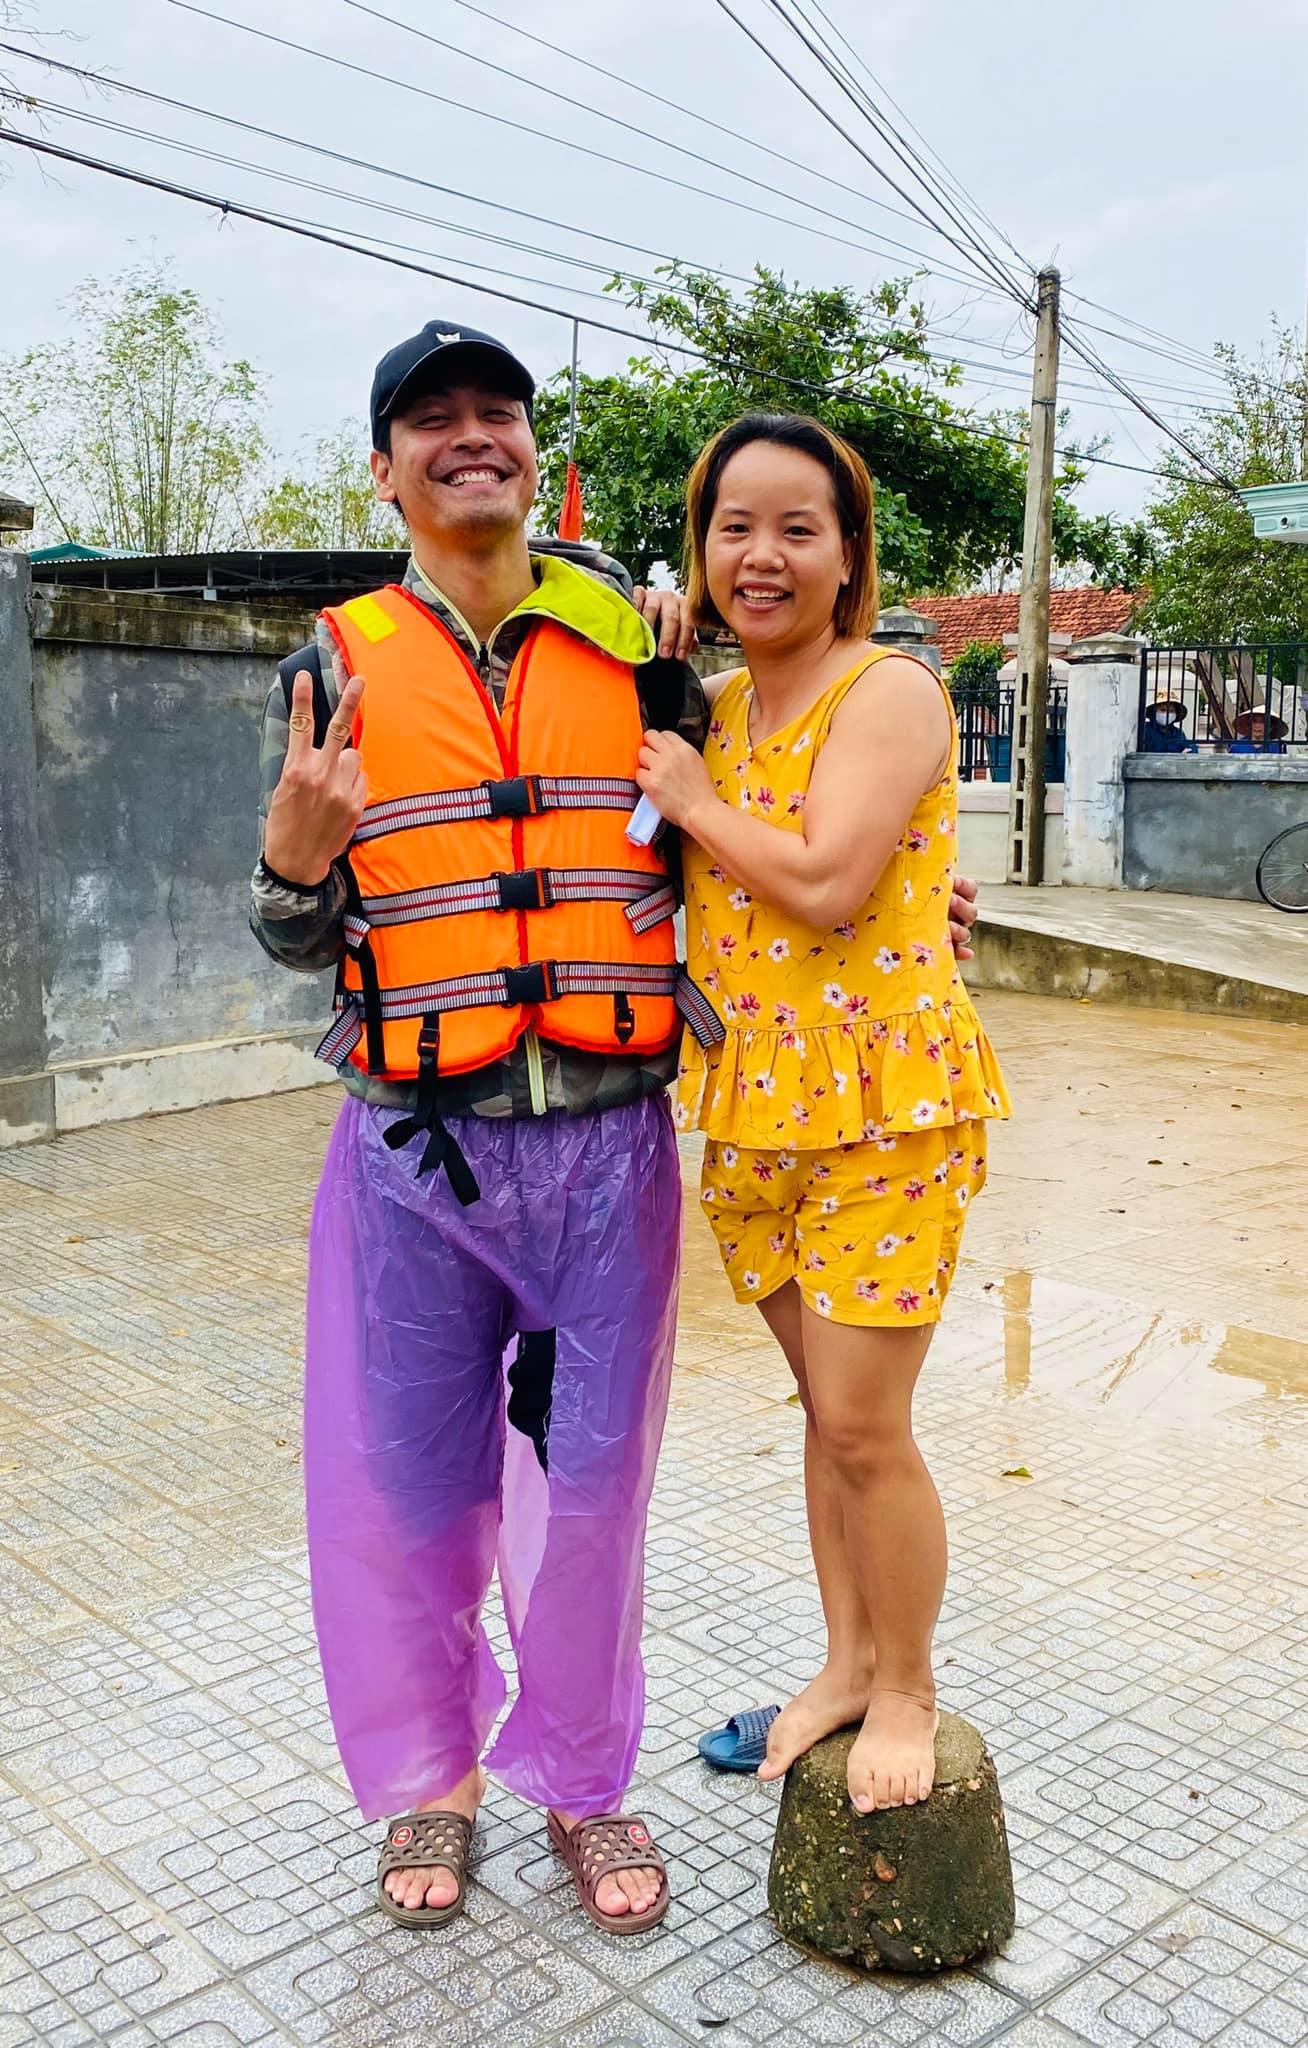 Hiện MC Phan Anhđang có mặt tại miền Trung để cứu trợ người dânvùng lũ.